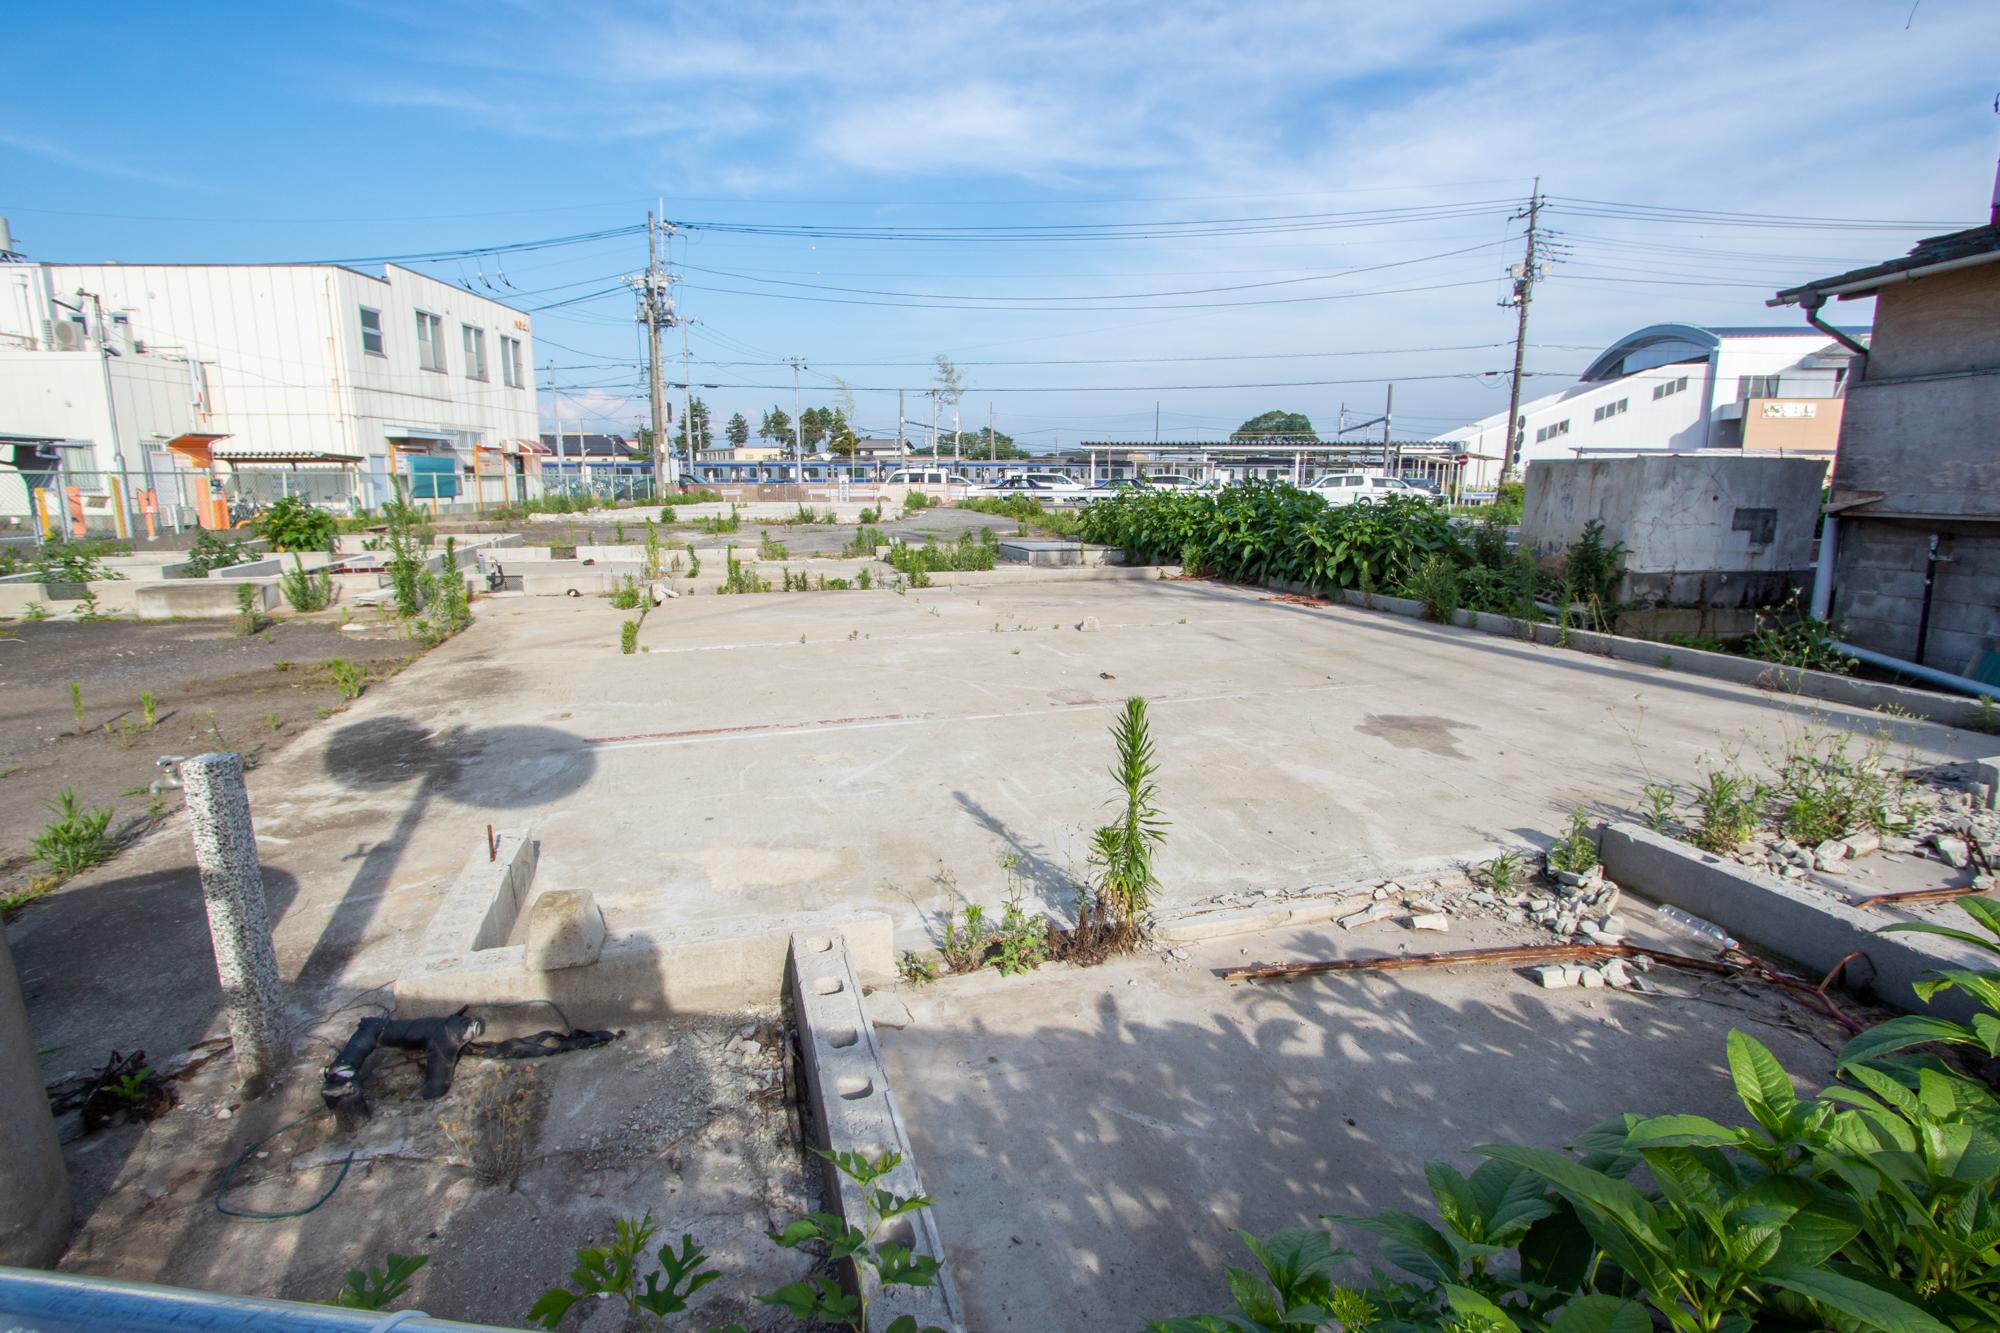 f:id:akichiniiko:20200528233850j:plain